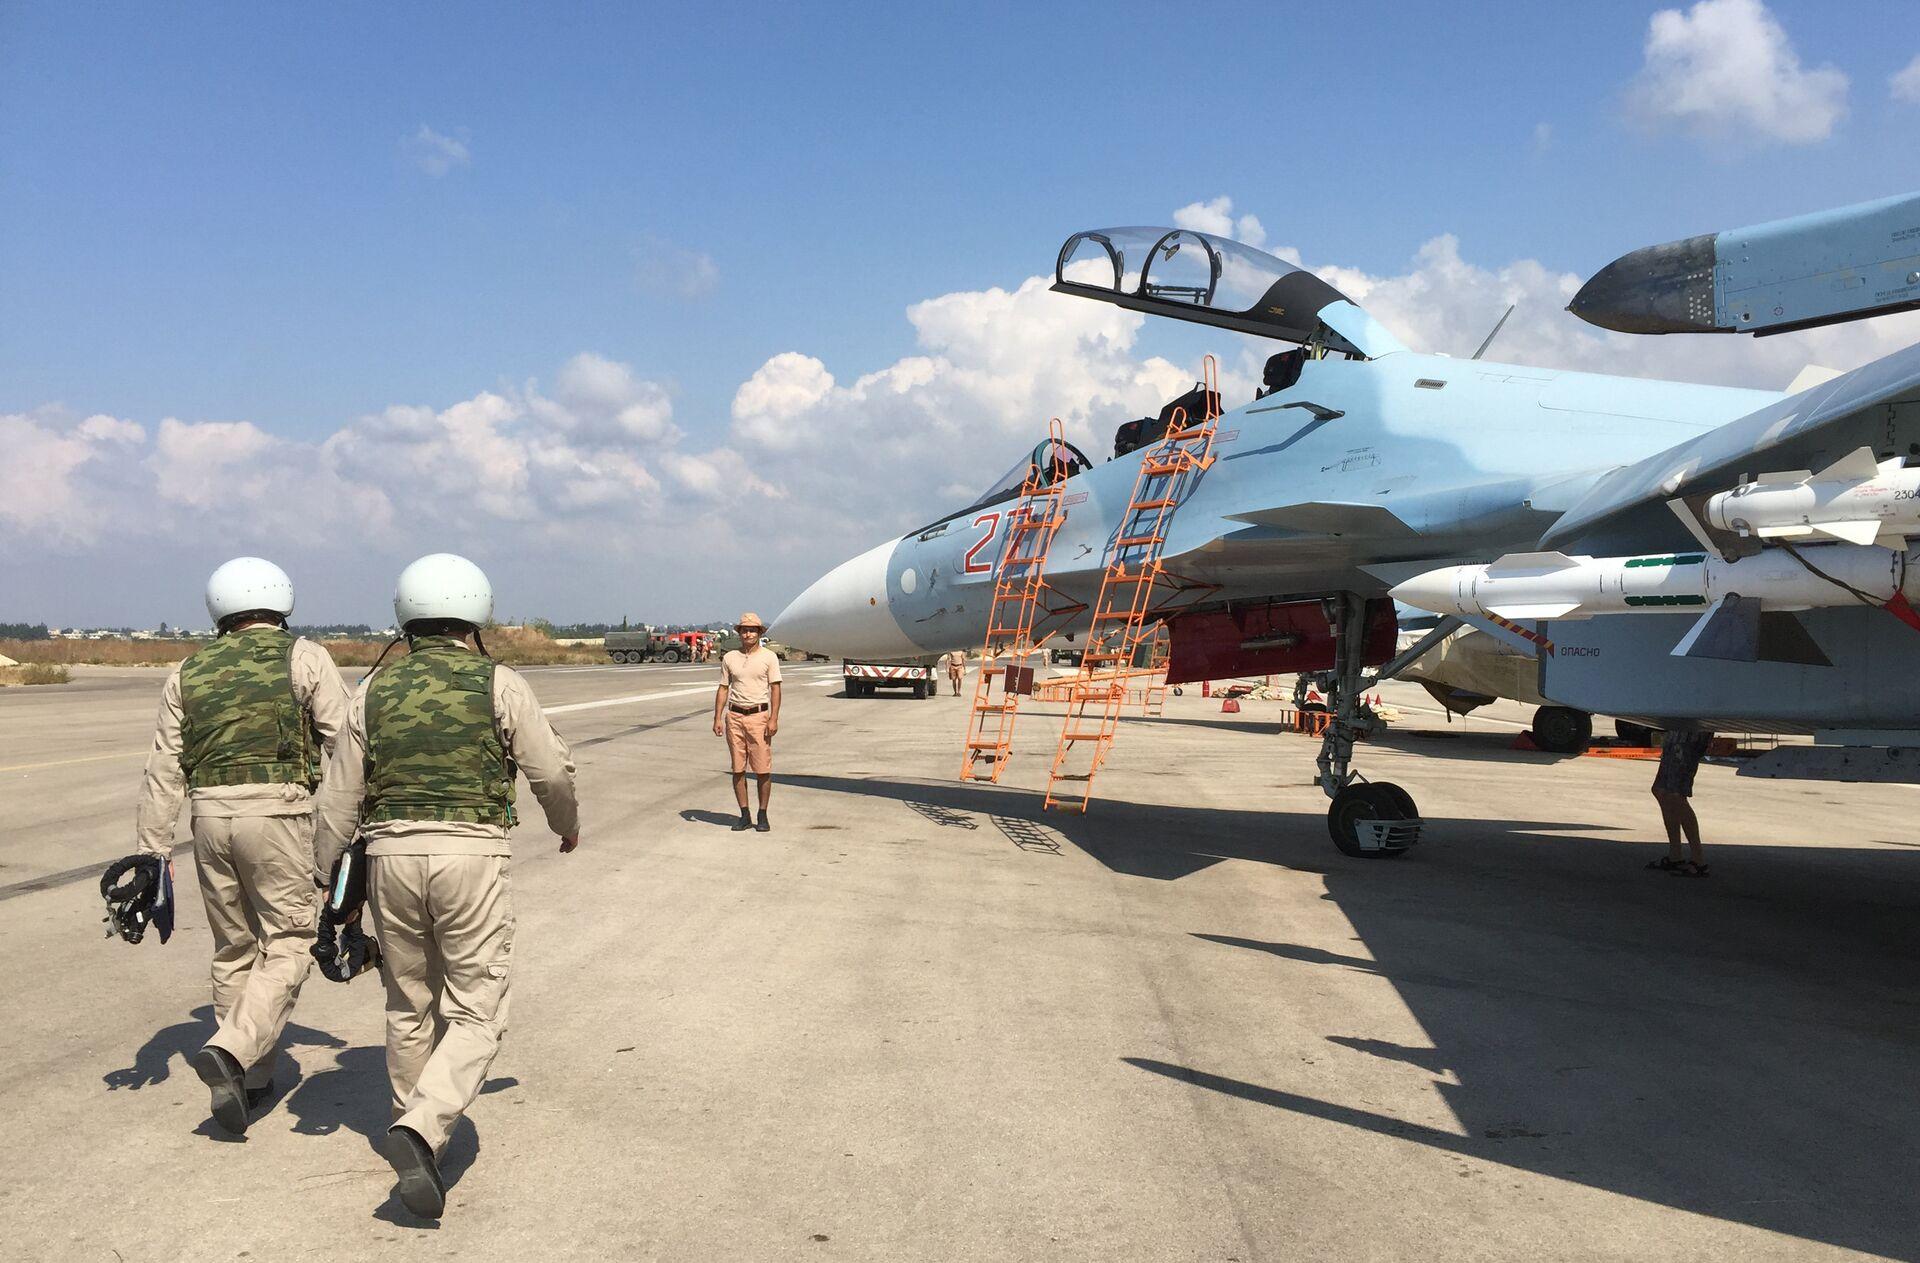 Российские летчики готовятся к посадке в истребитель Су-30 перед вылетом с аэродрома Хмеймим в Сирии - РИА Новости, 1920, 29.09.2020